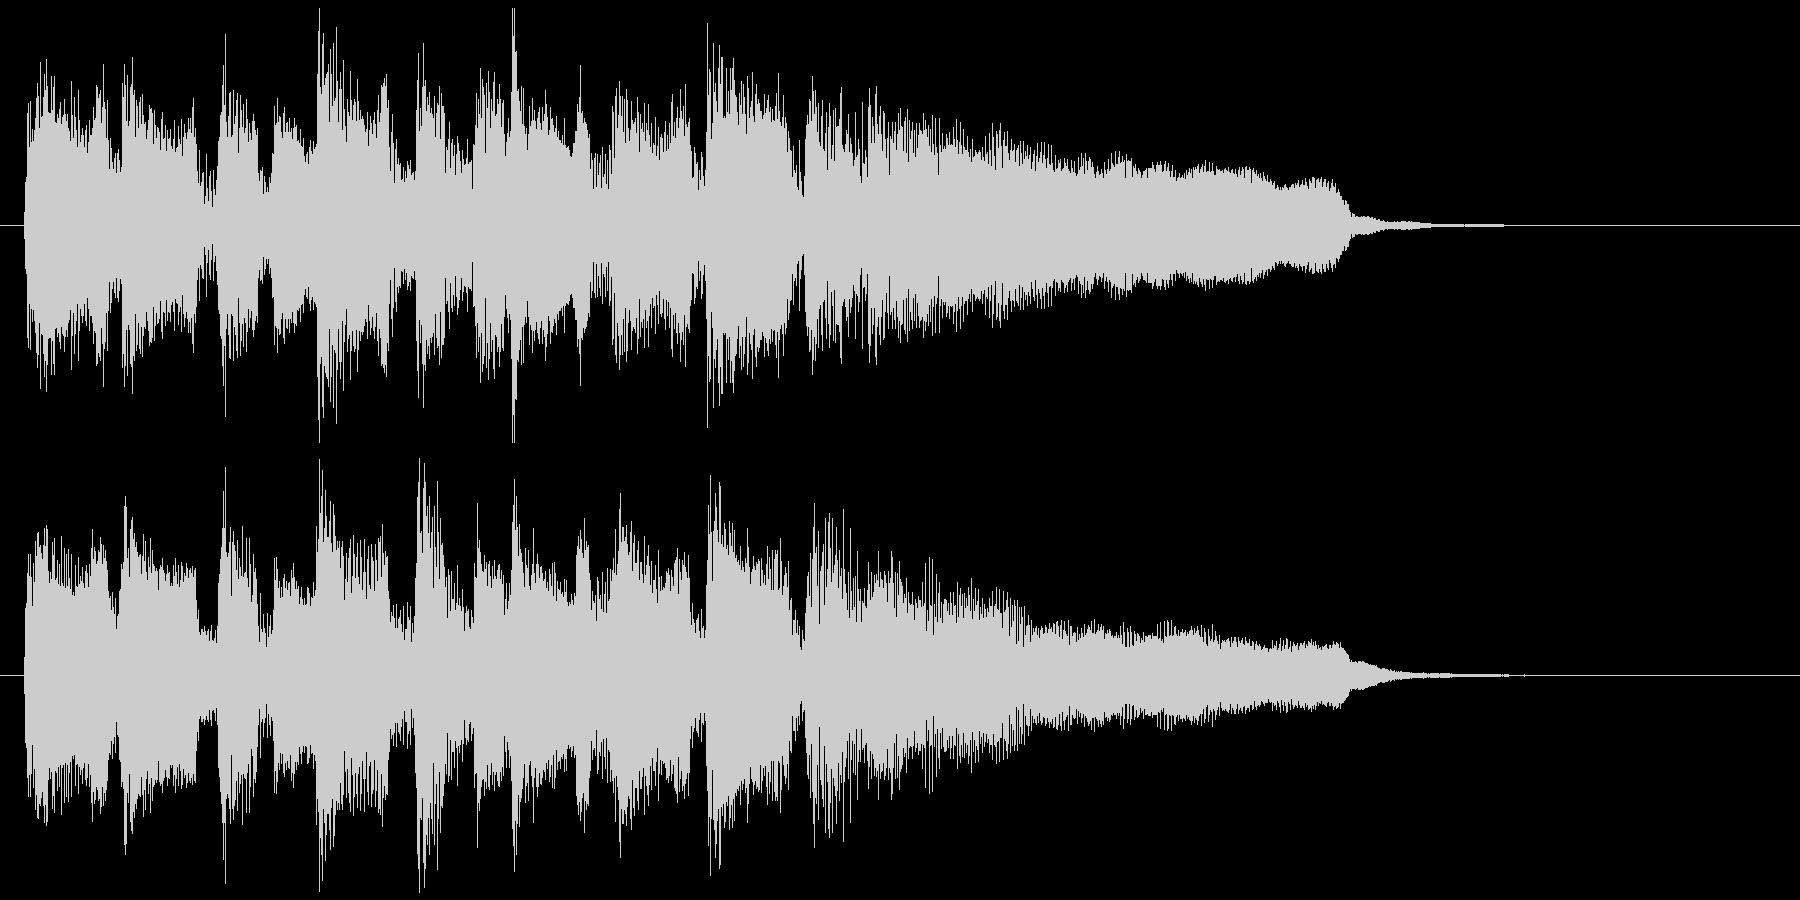 嬉しい、爽やかなリコーダーのサウンドロゴの未再生の波形